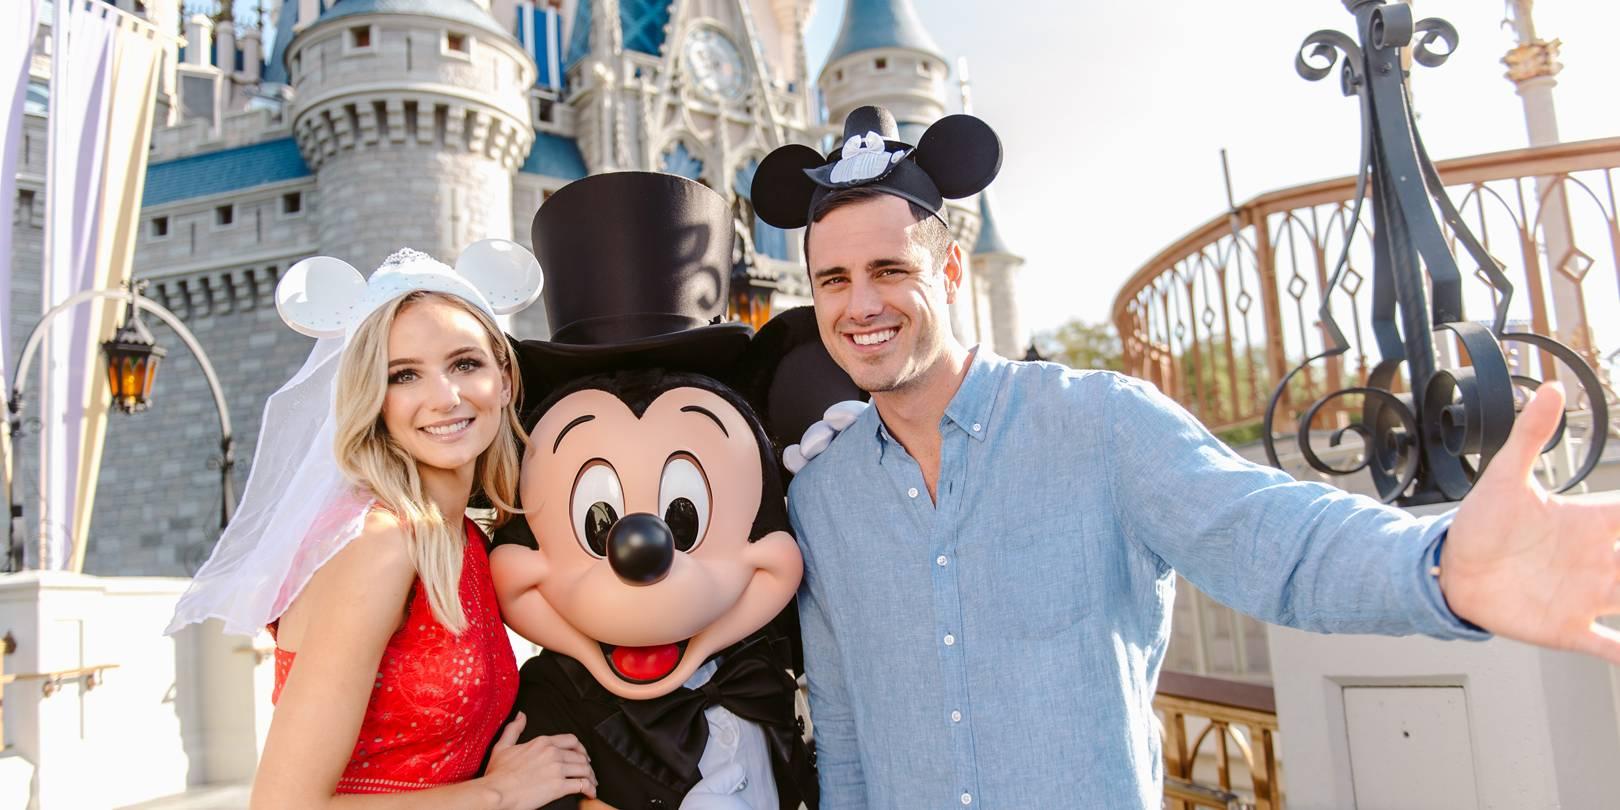 Casar na Disney: Como realizar esse sonho